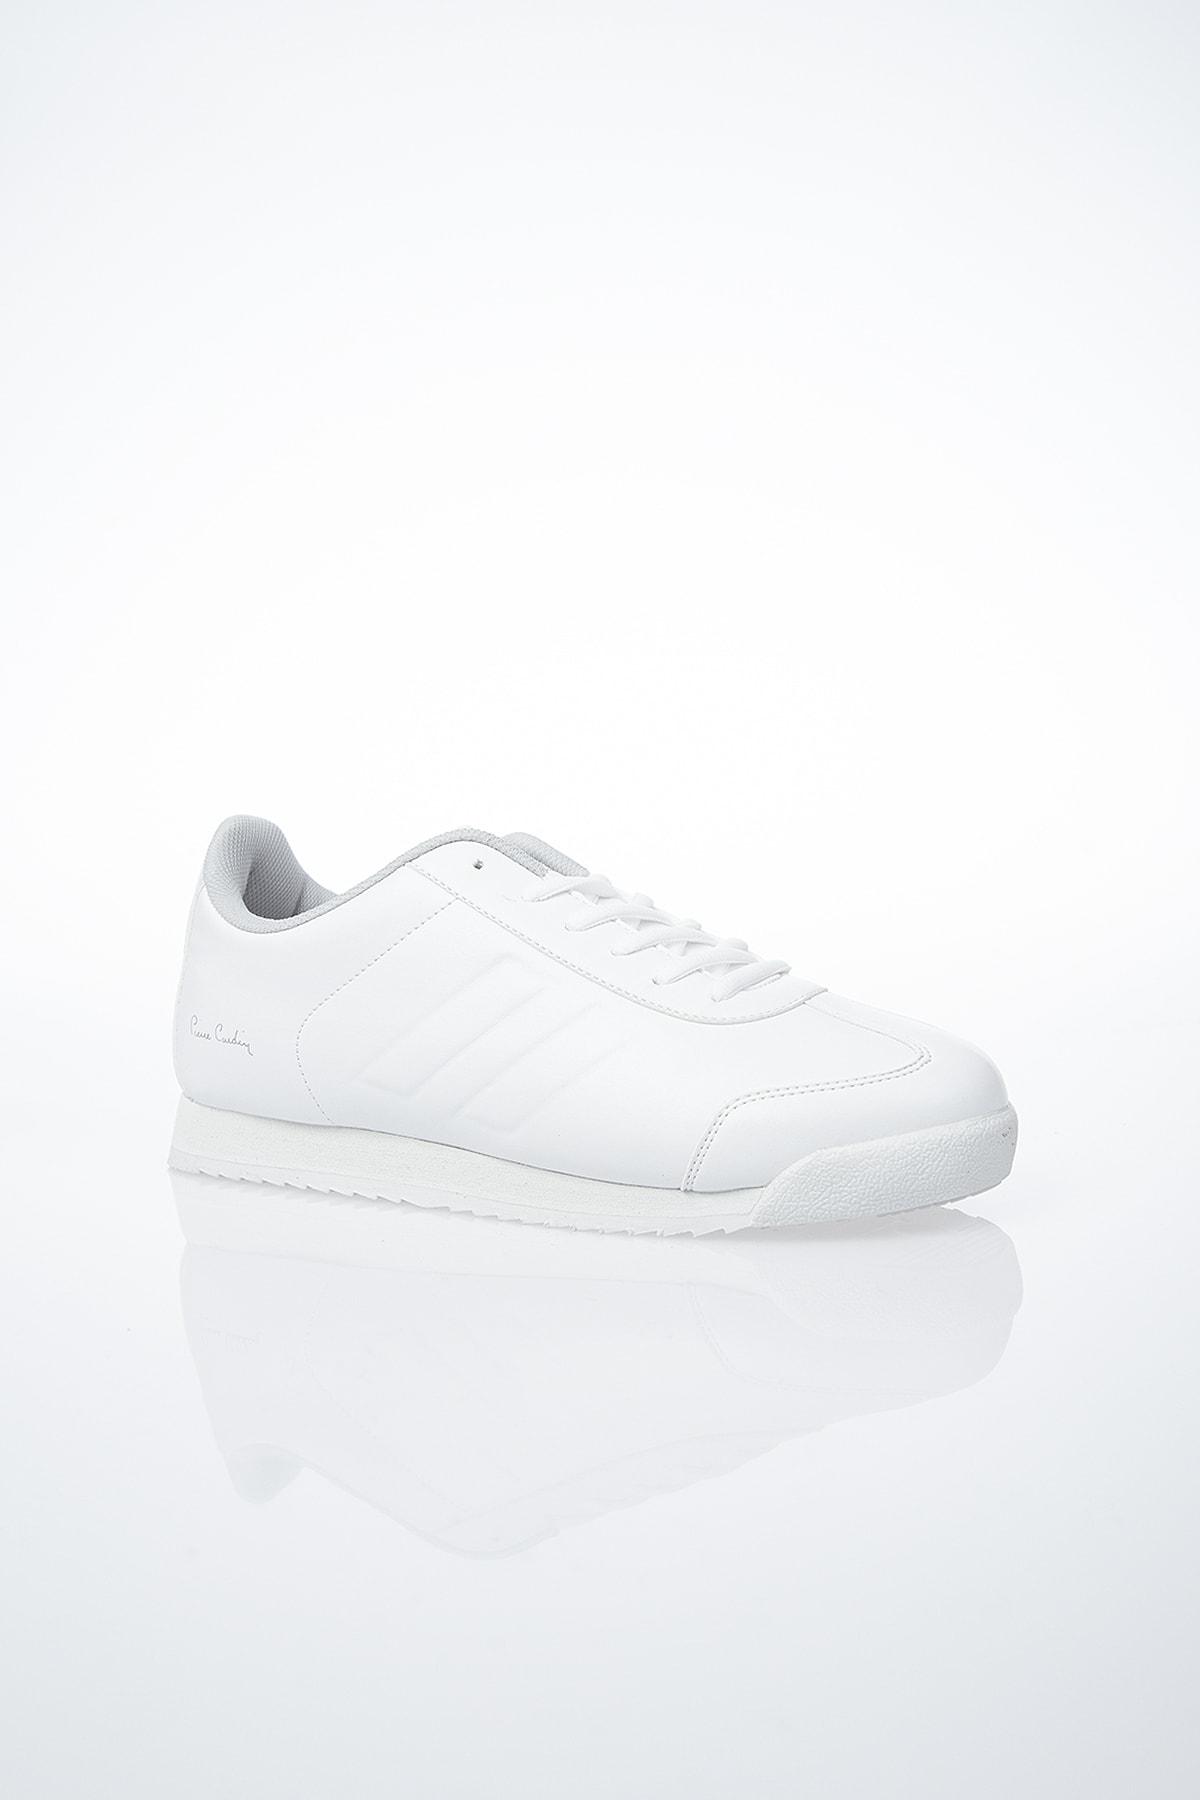 Pierre Cardin PC-30484 Beyaz Erkek Spor Ayakkabı 2